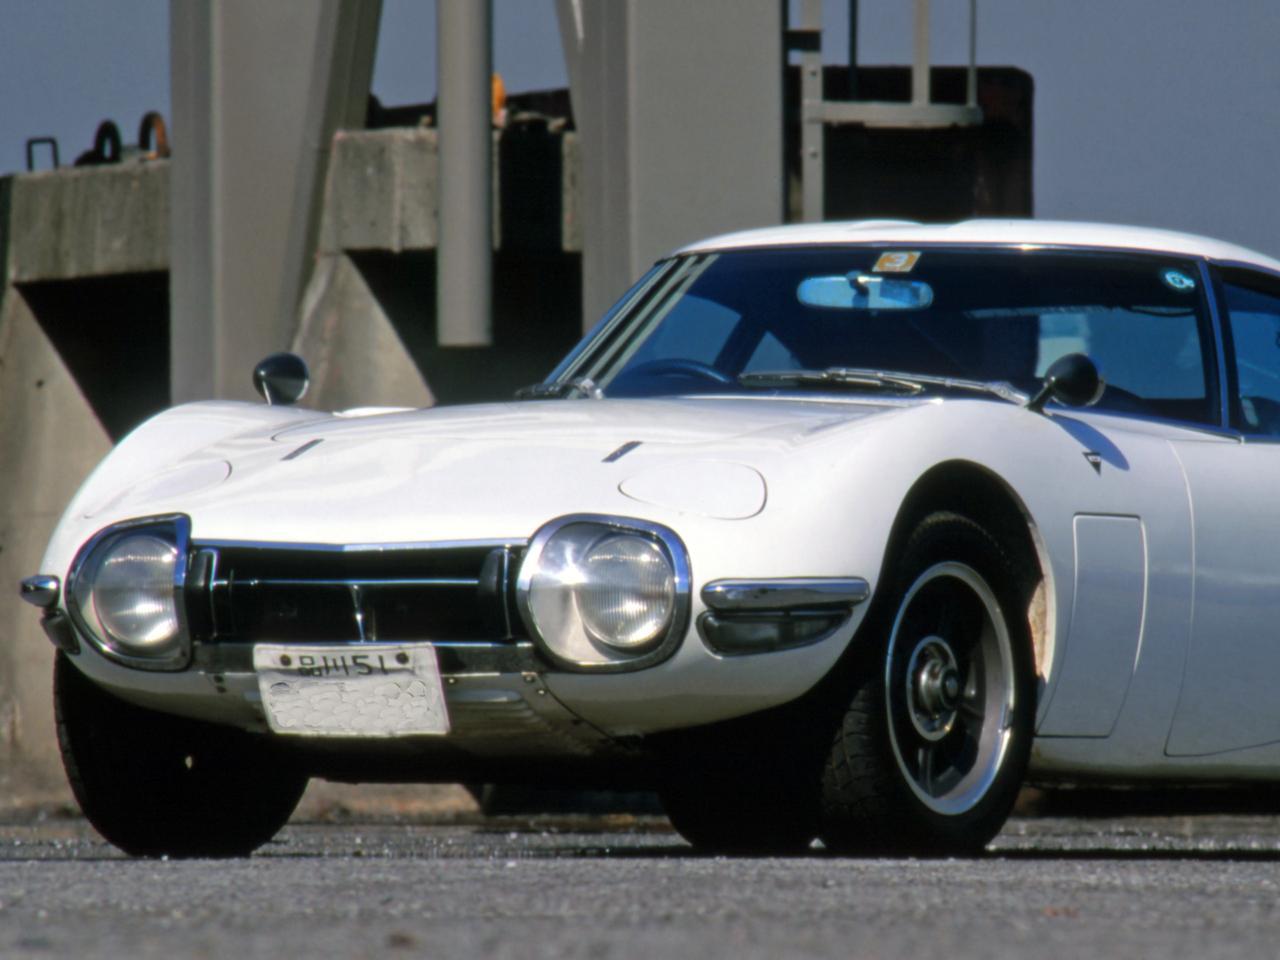 【旧車】'60年代の国産スポーツカーvol.1 トヨタ2000GTは日本メーカーの実力を世界に知らしめた